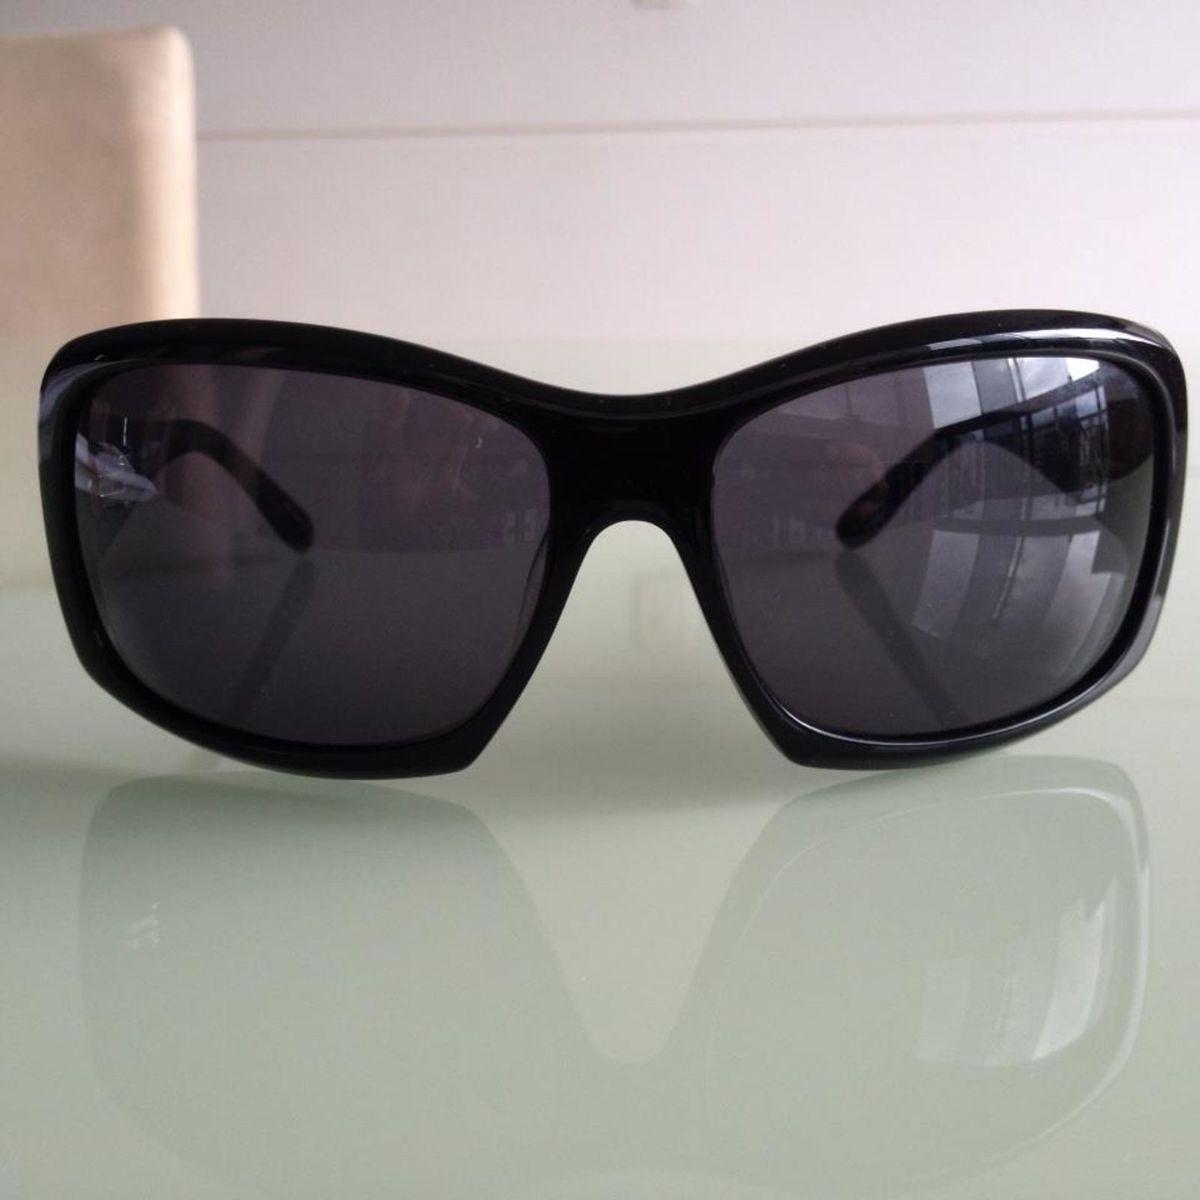 c5dbd6736e948 Óculos de Sol da Puma Modelo Avalon